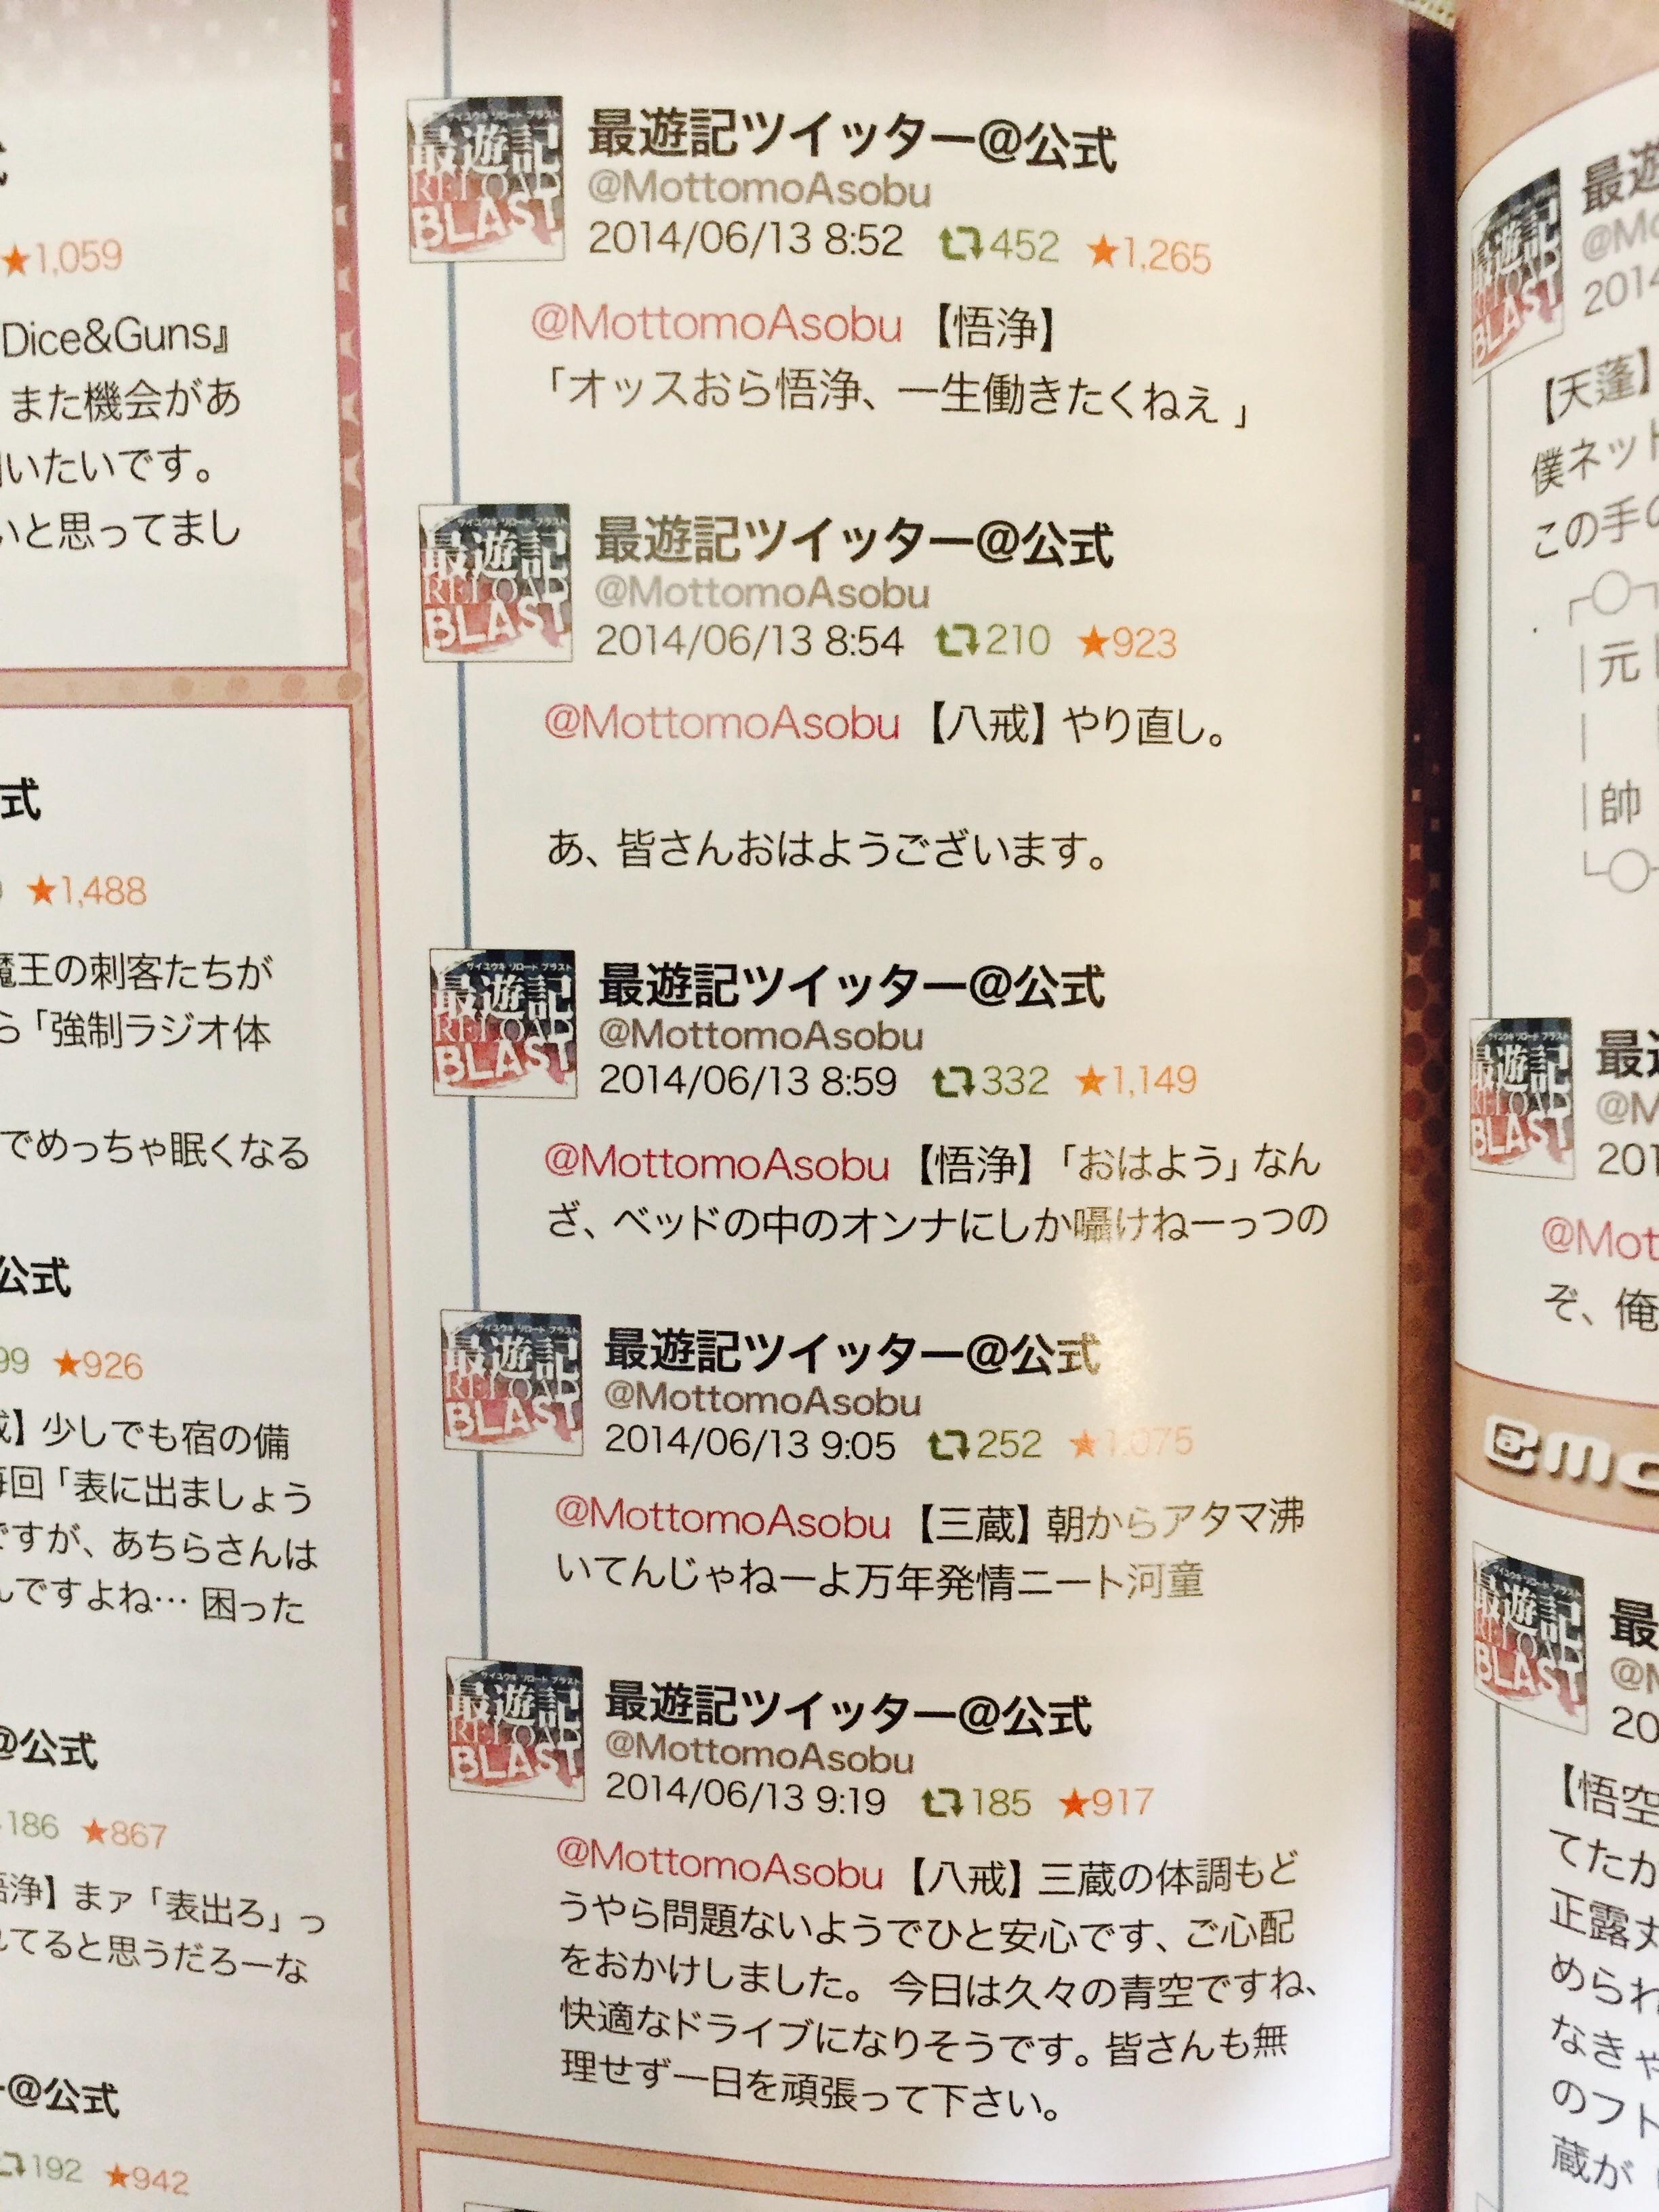 f:id:atsuki-iroha:20170115070837j:image